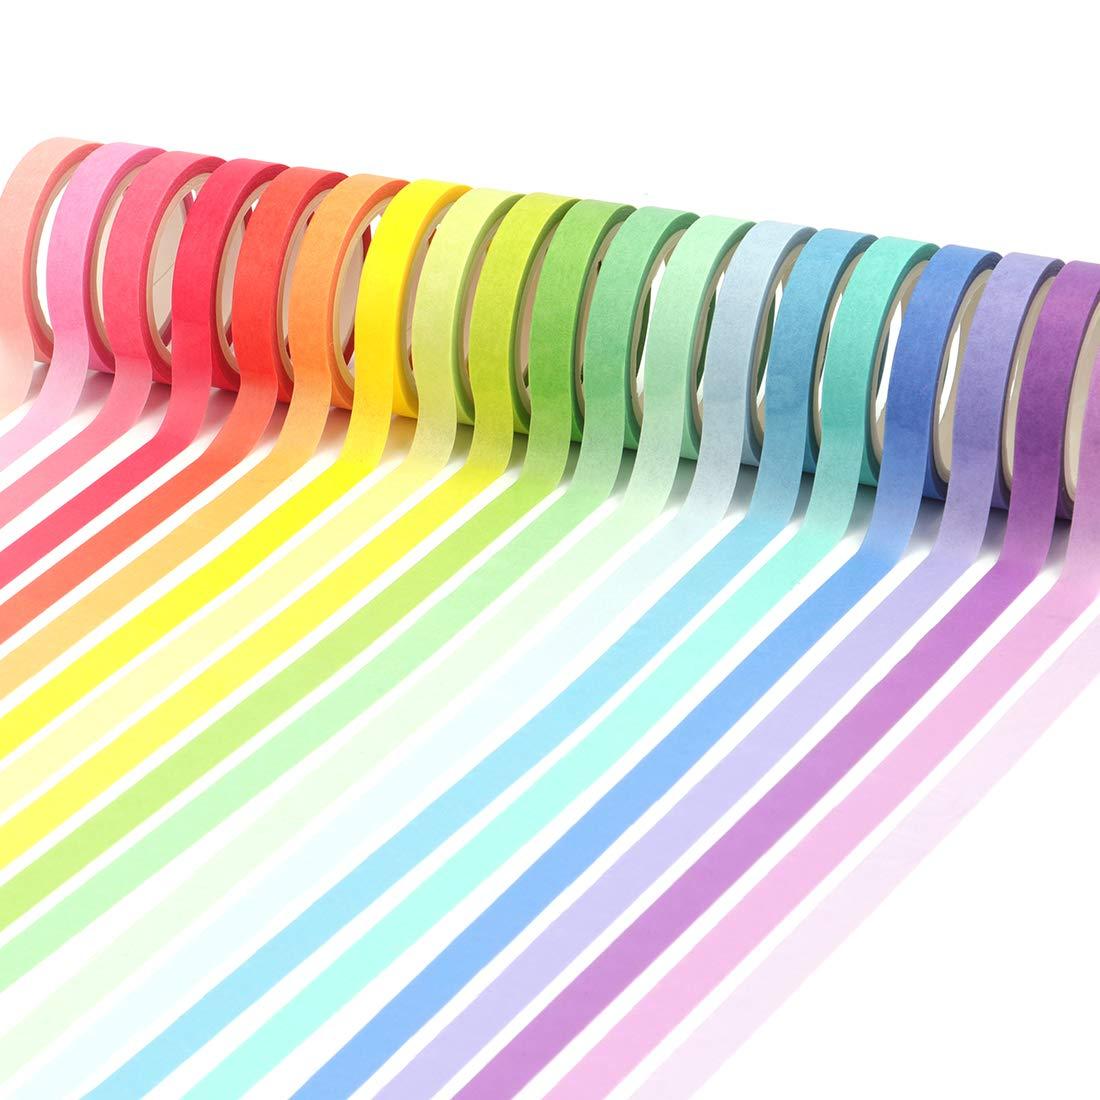 Mehrfarben Tebery 60x Washi Tape Set 3DIY Dekorative Regenbogen Klebeband Dekob/änder Aufkleber 3mmx5m,5mmx5m,7.5mmx5m